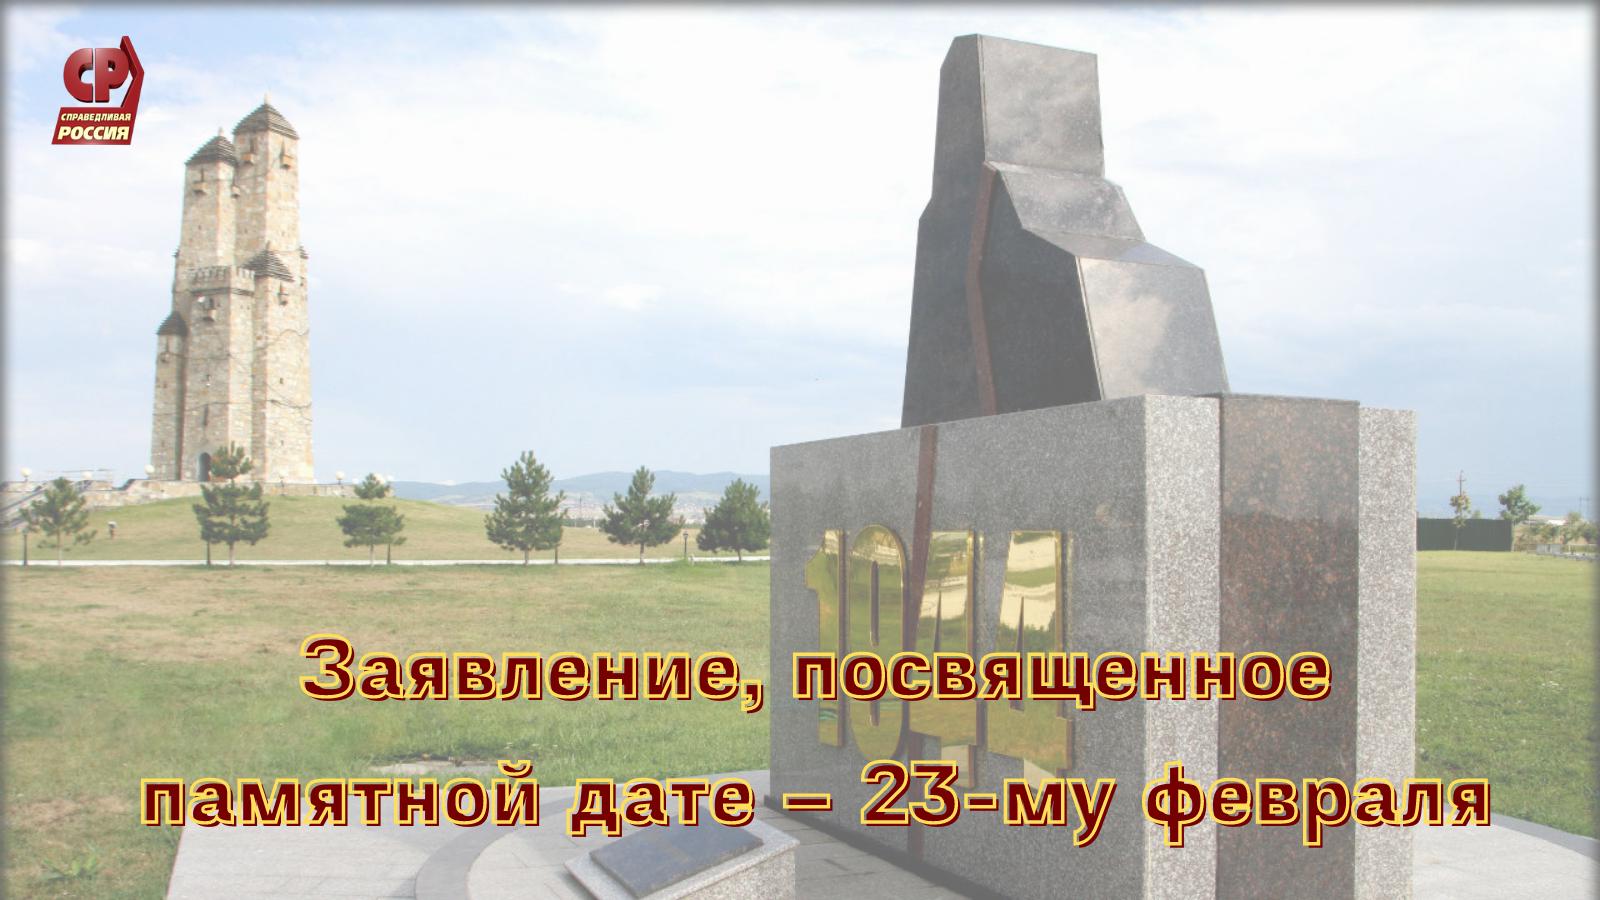 Заявление, посвященное памятной дате – 23-му февраля